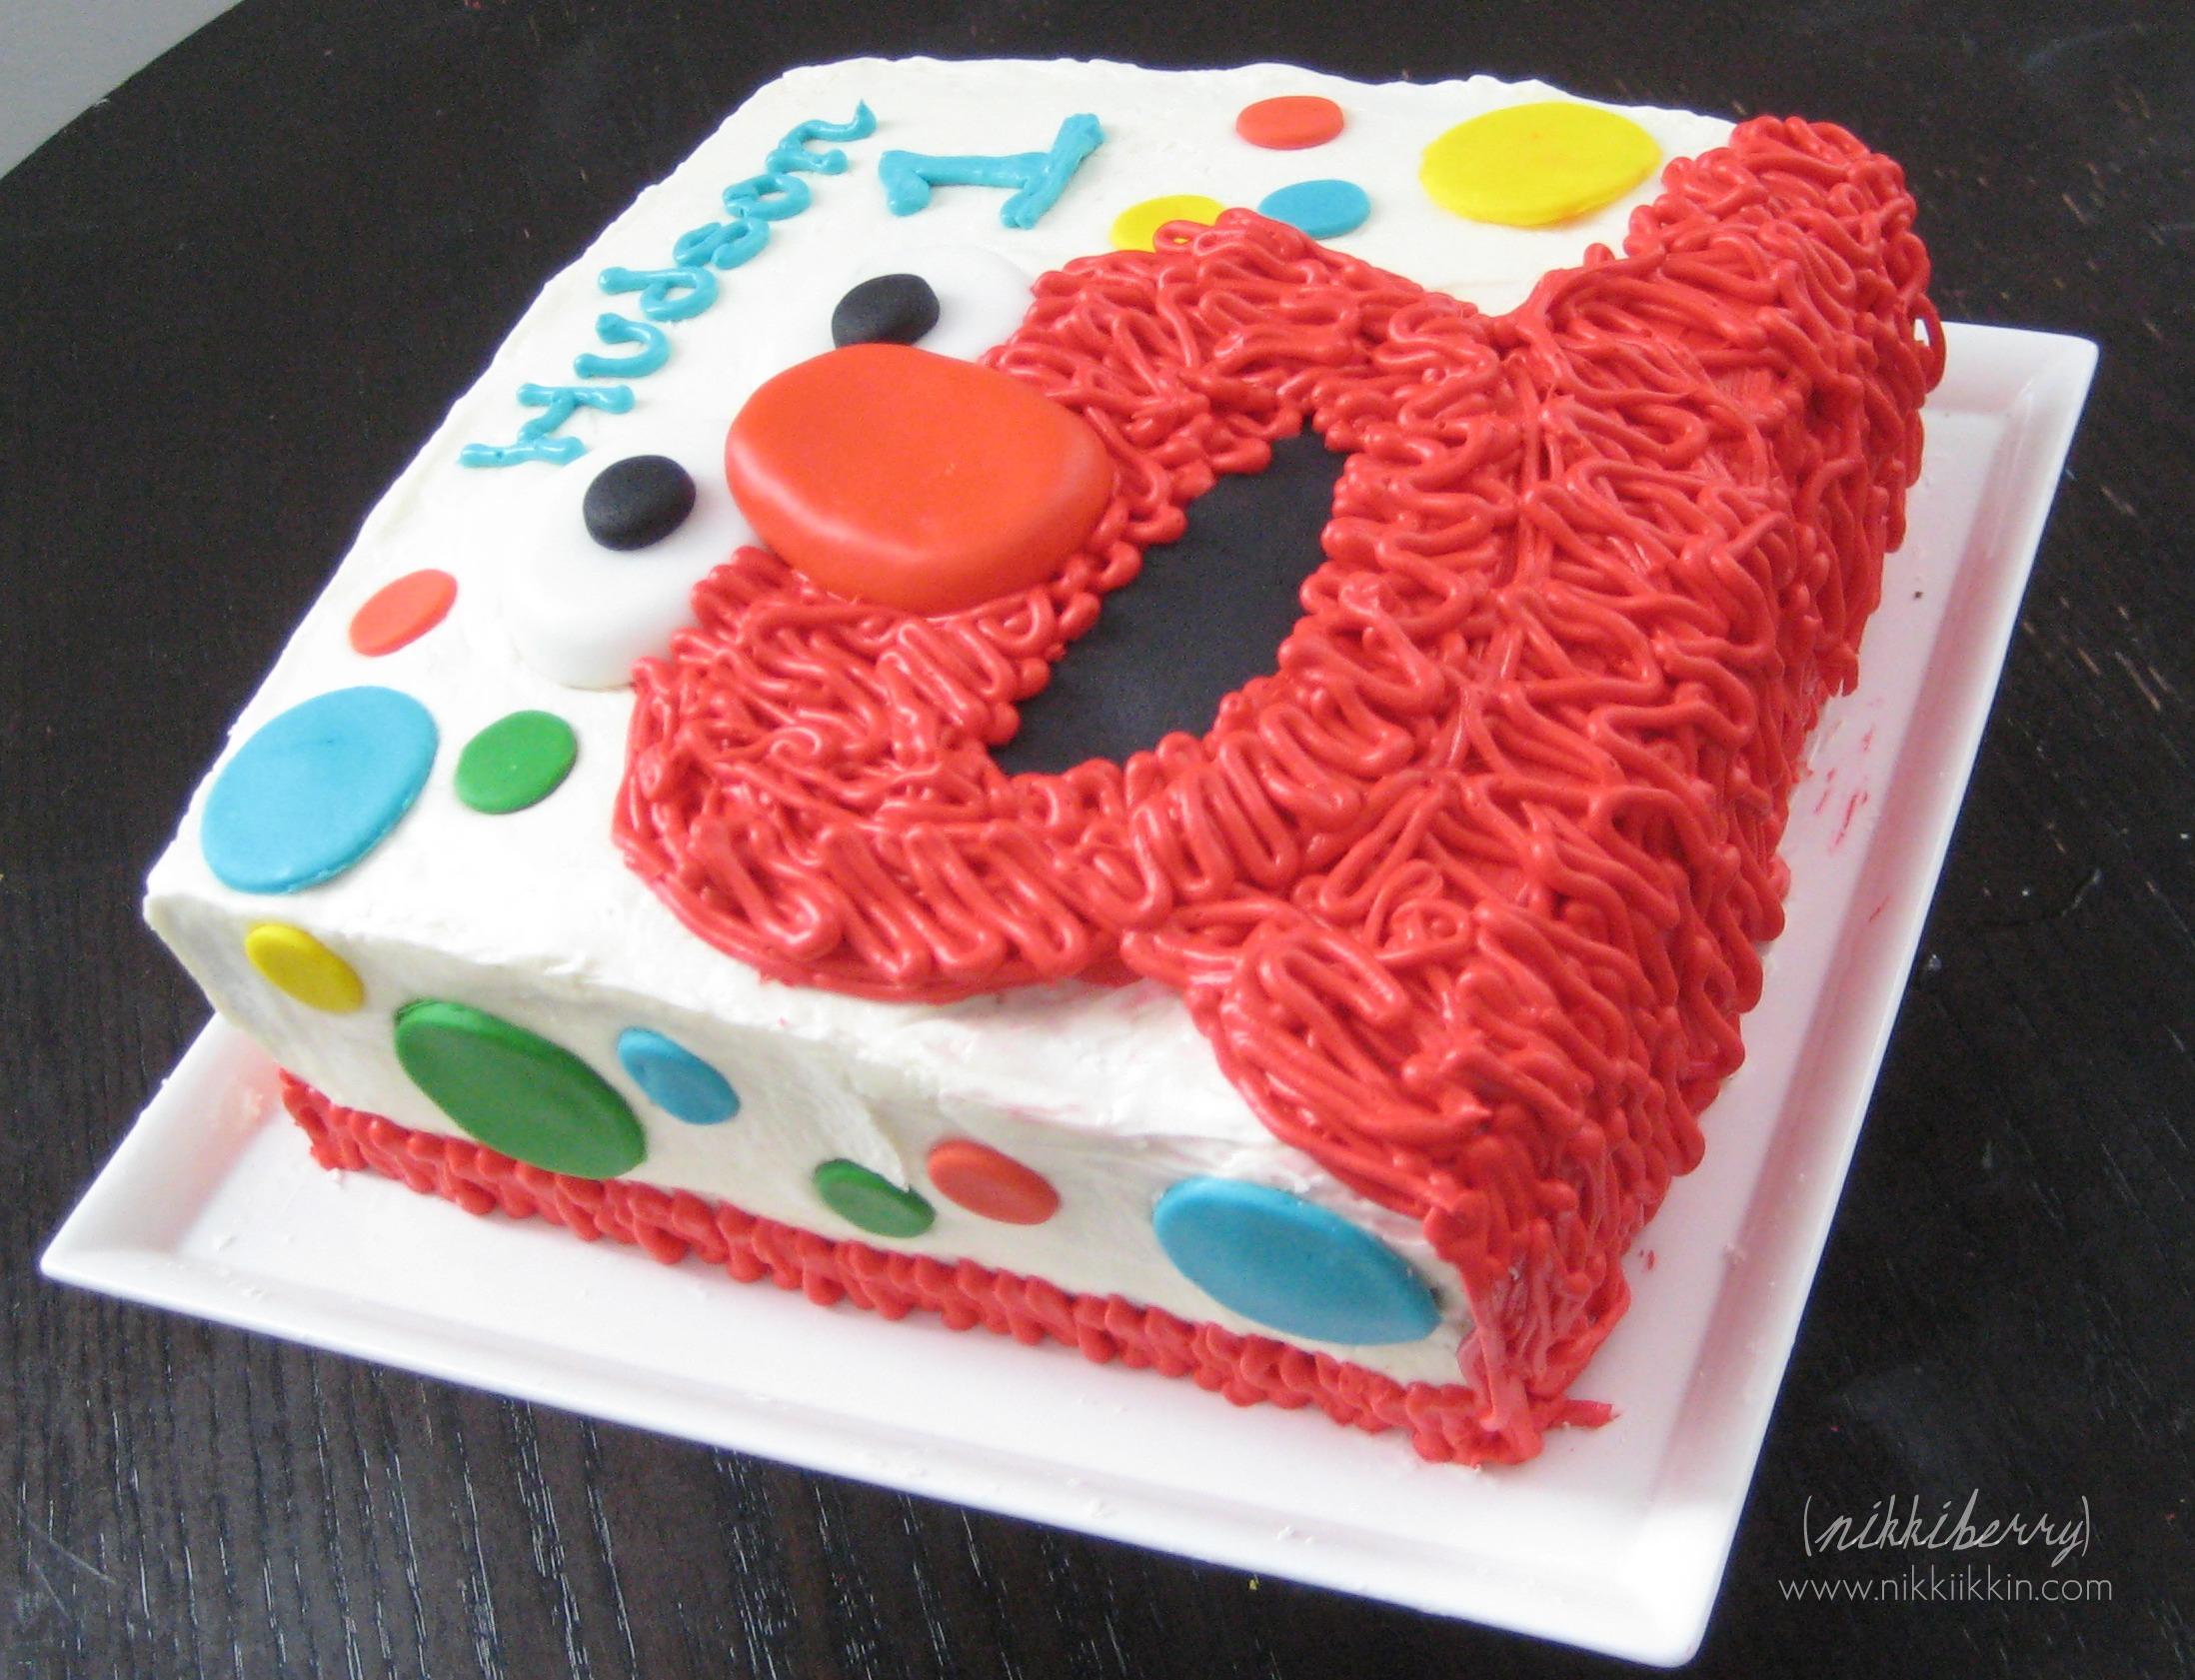 Hudson S Elmo Cake